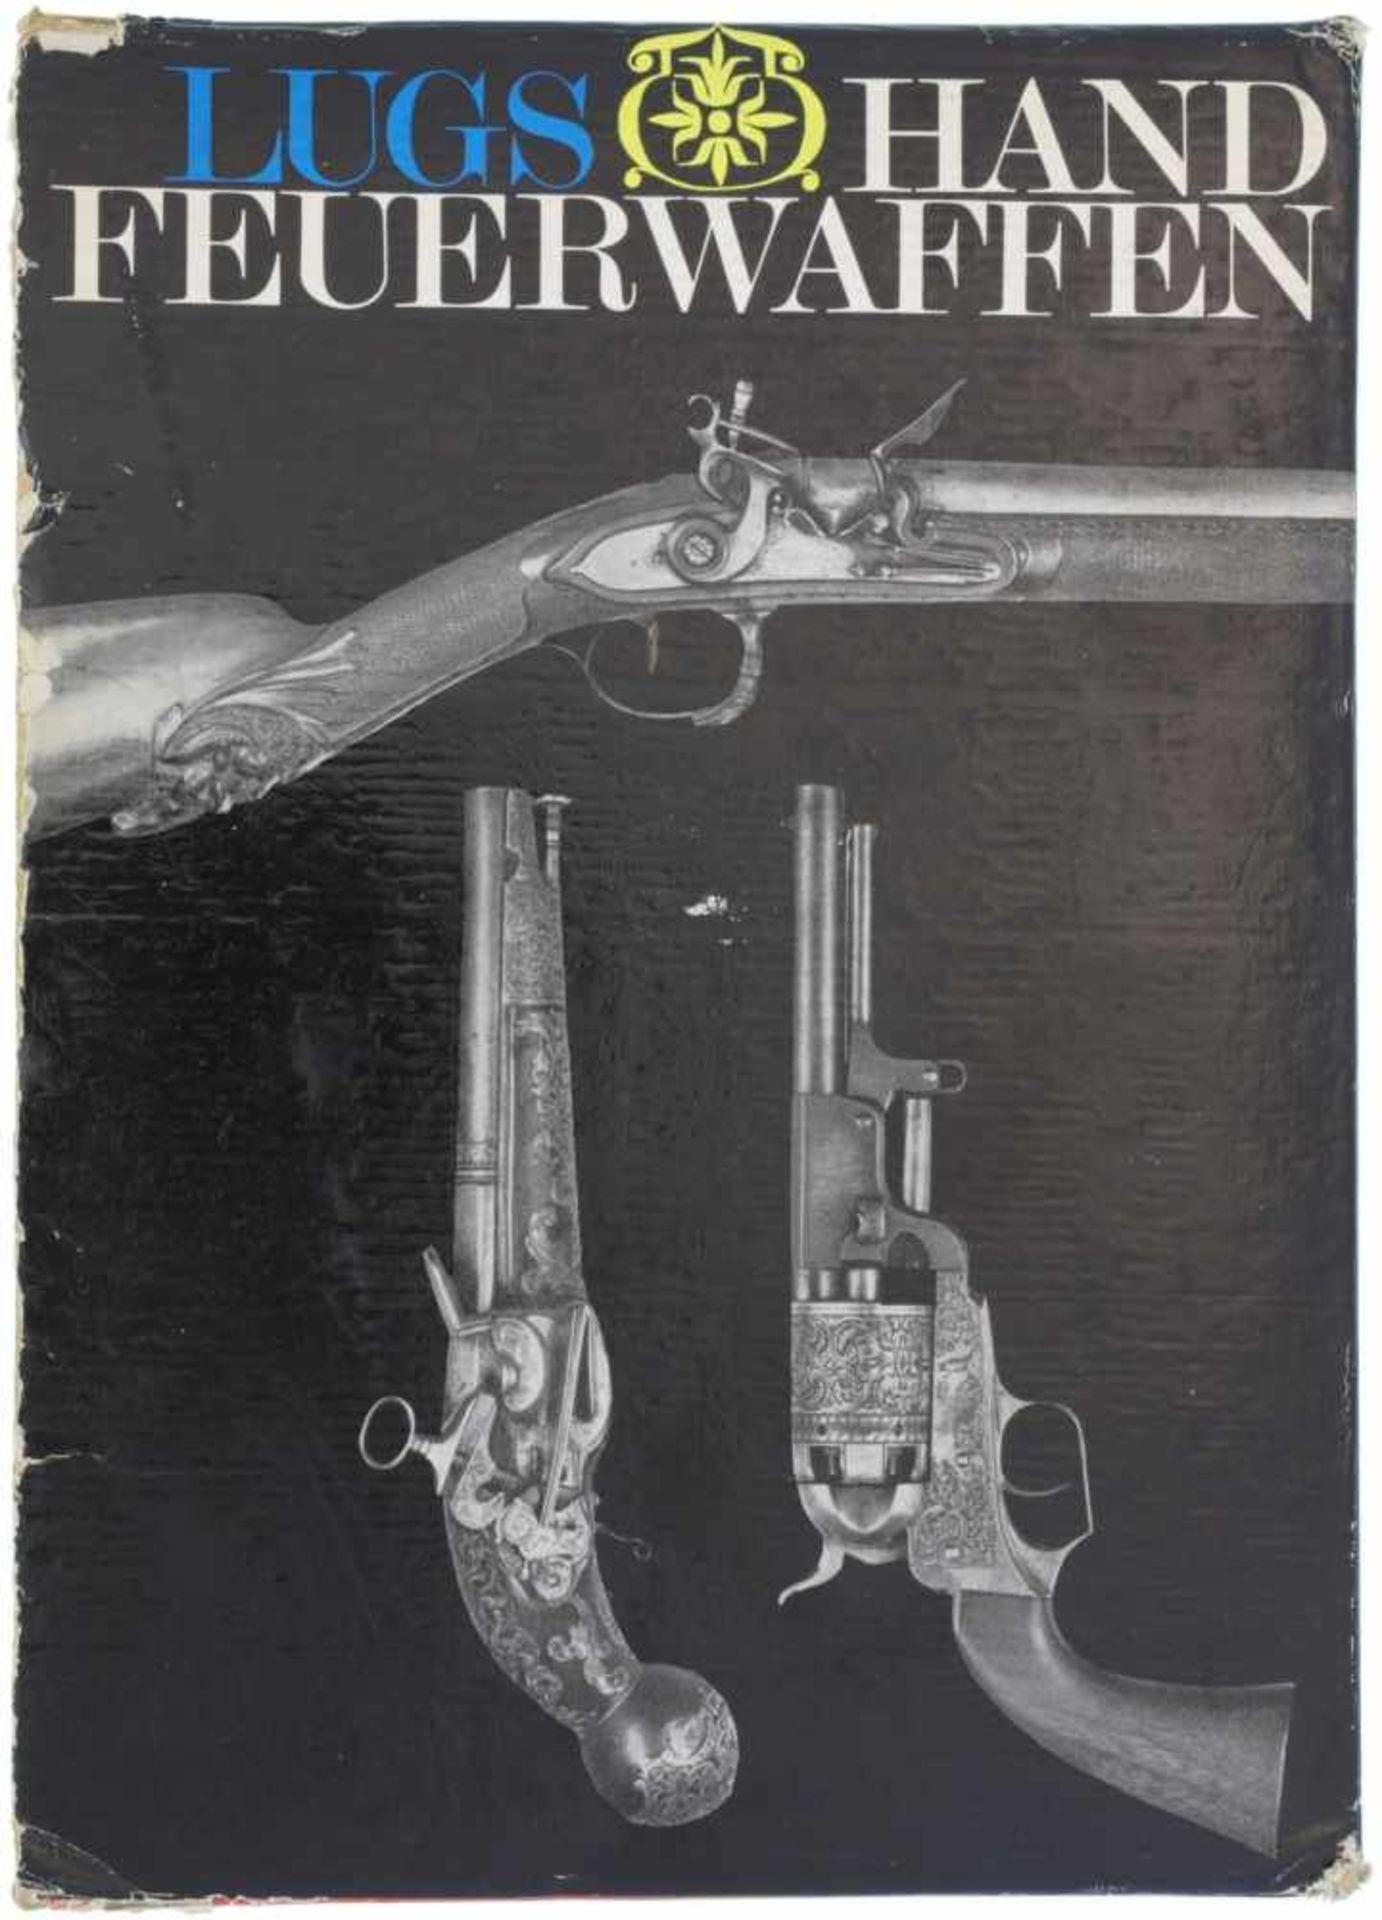 Lugs Handfeuerwaffen, Band 1 und 2